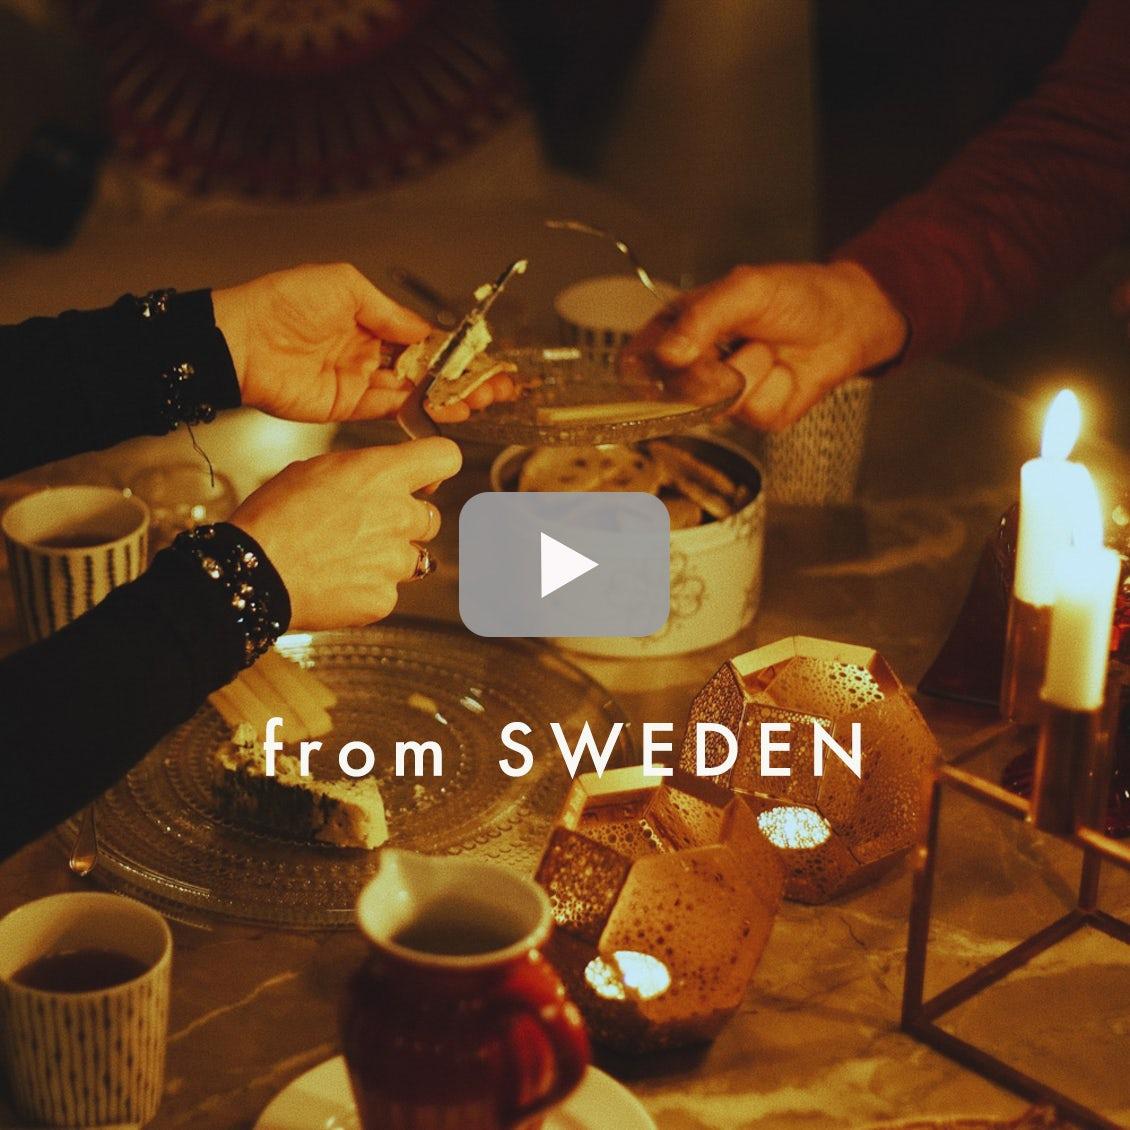 【北欧に暮らすひと】03:スウェーデンの長い夜の過ごしかた「家族で過ごすフィーカ」